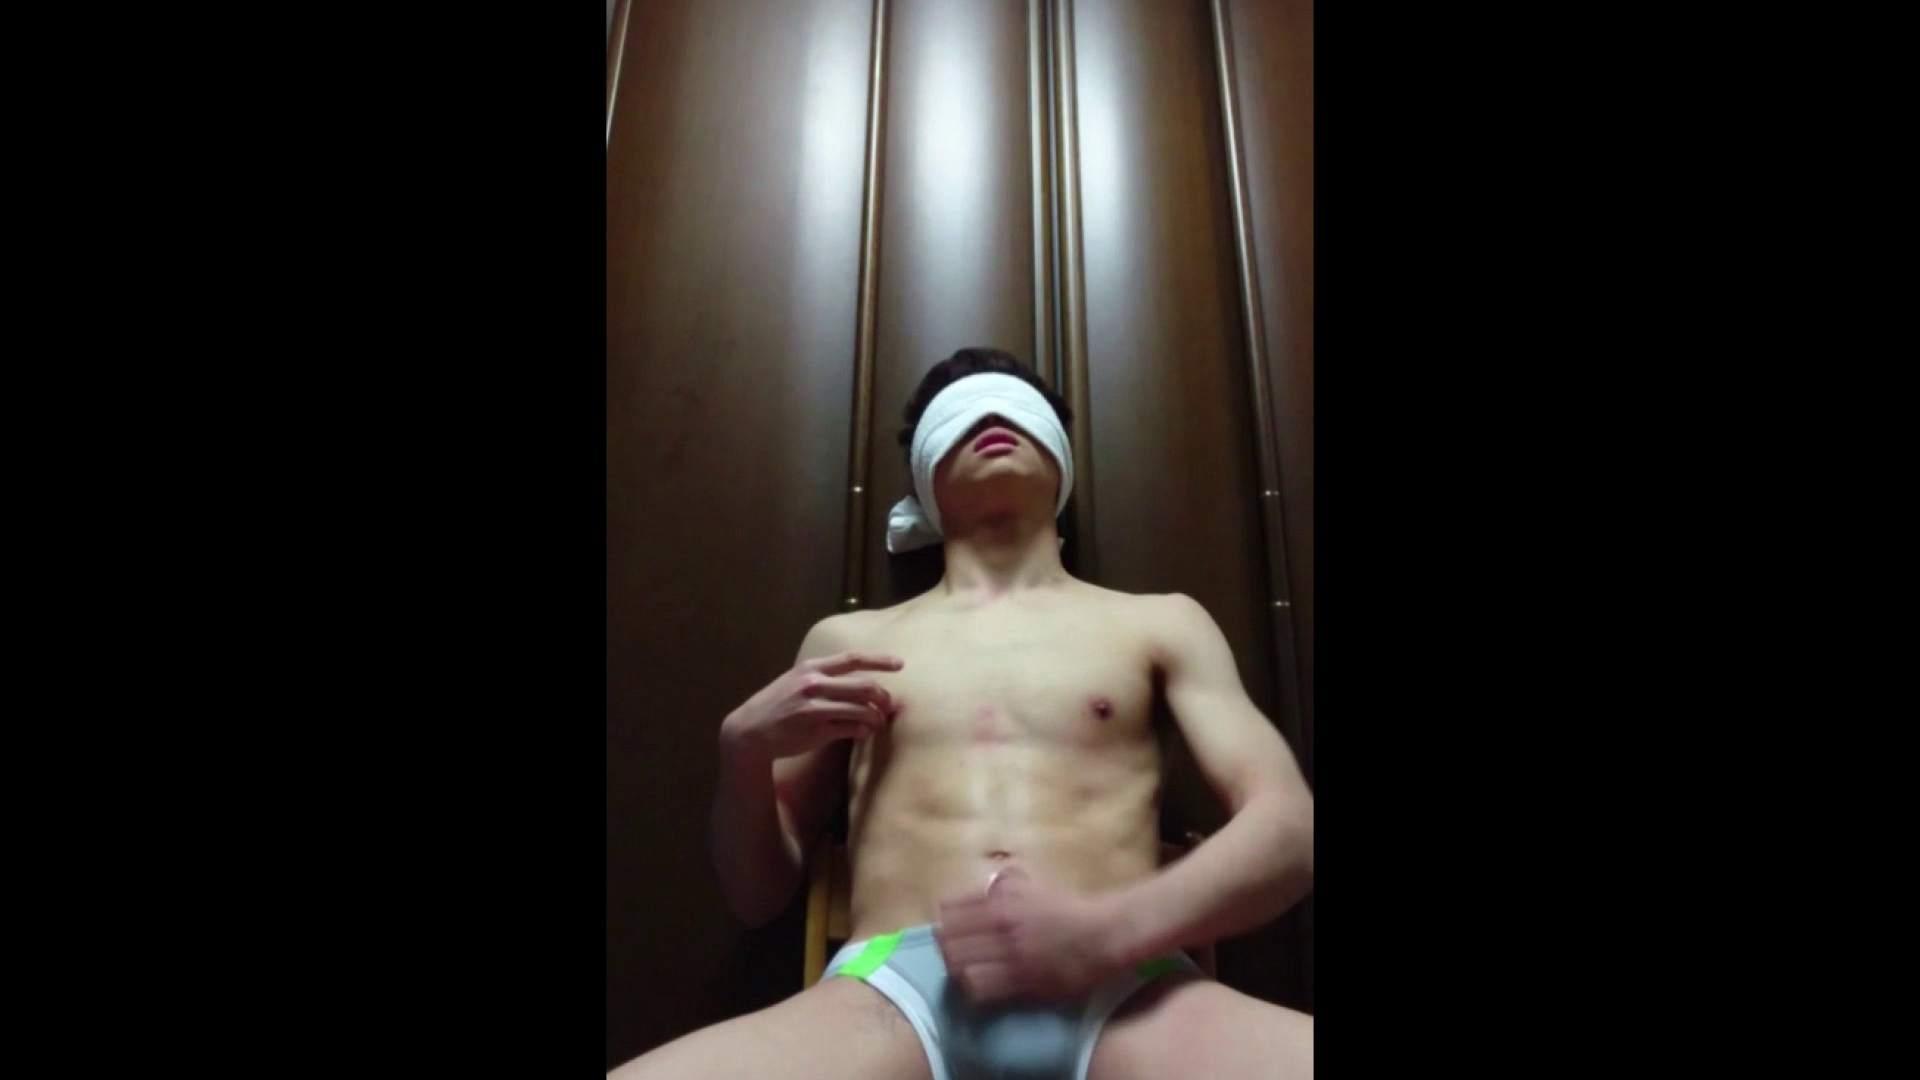 個人撮影 自慰の極意 Vol.21 個人撮影 ゲイエロ動画 93pic 90